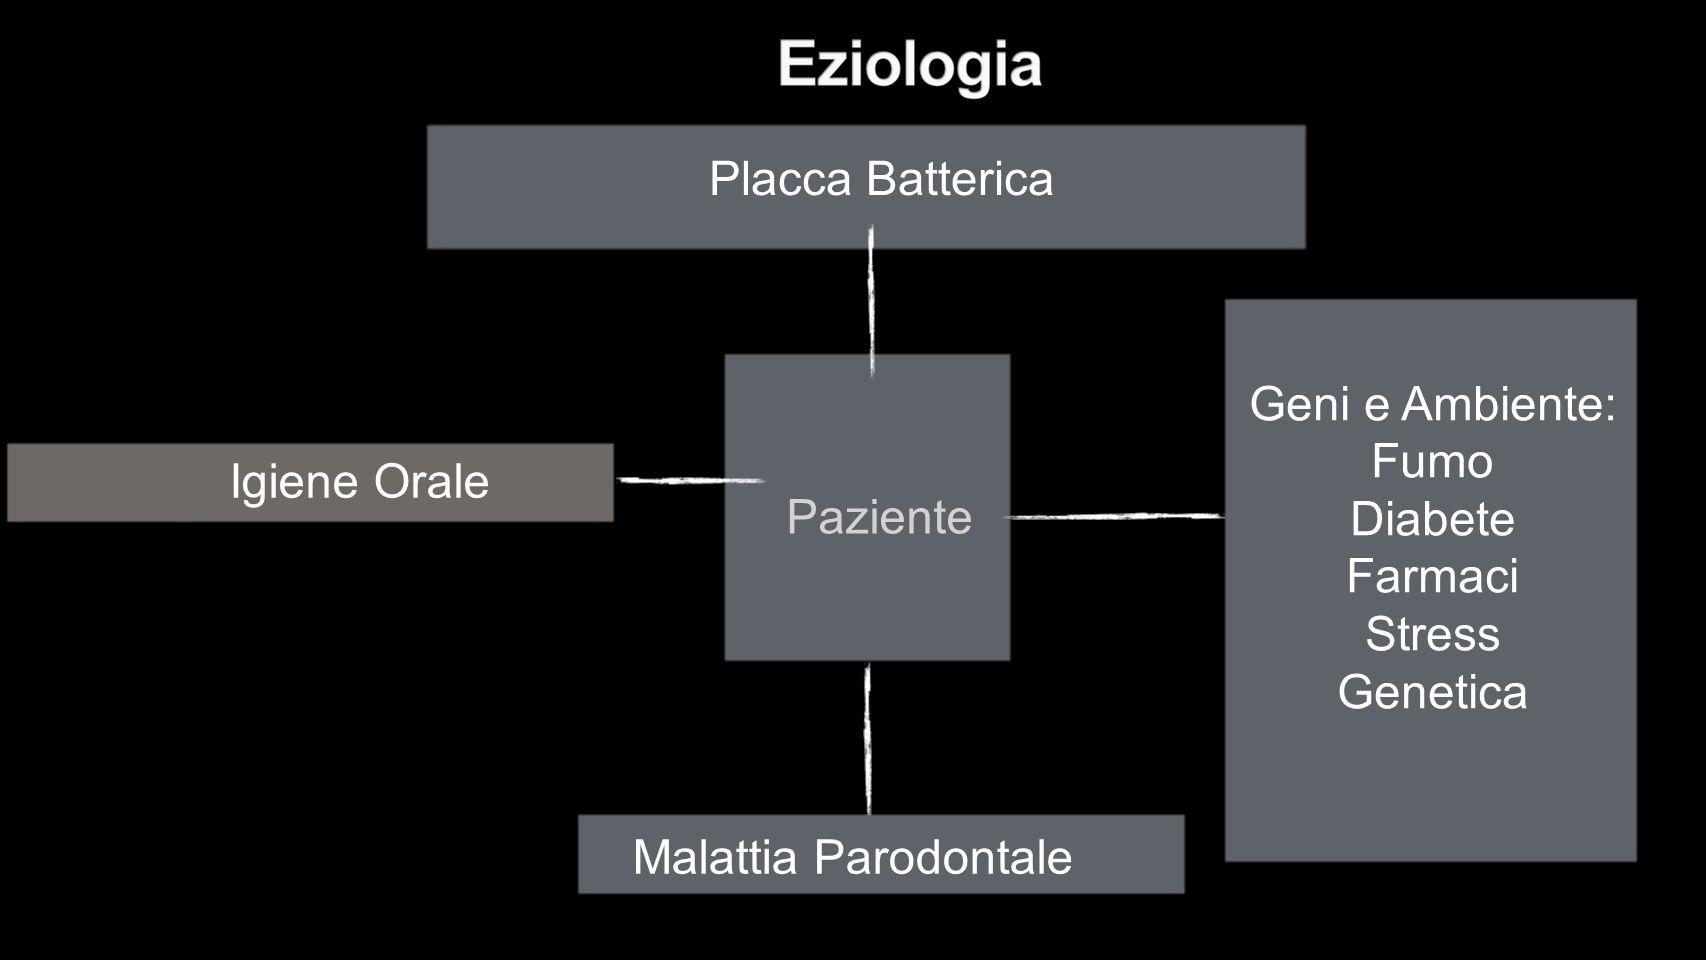 Placca Batterica Paziente. Geni e Ambiente: Fumo. Diabete. Farmaci. Stress. Genetica. Igiene Orale.